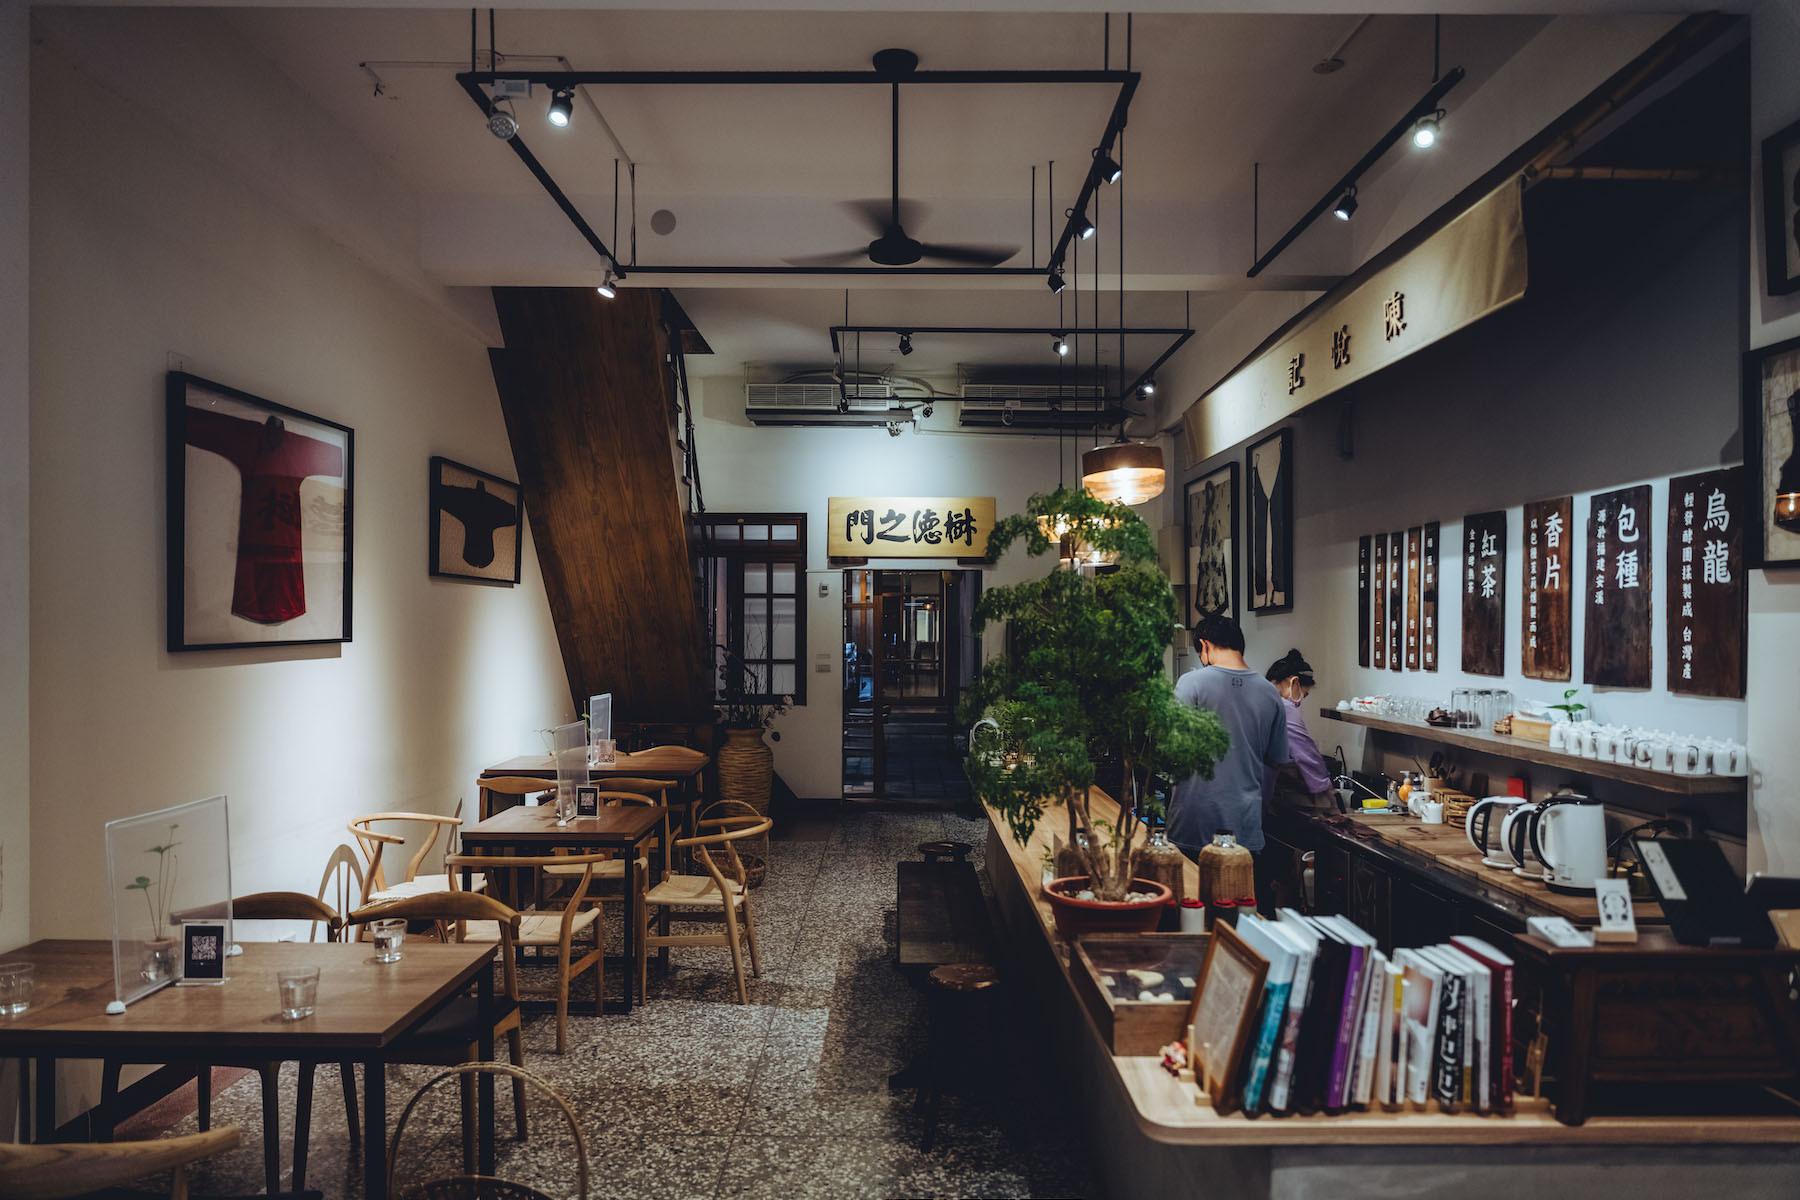 大稻埕同安樂:展示老台北的飲食文化與生活味道